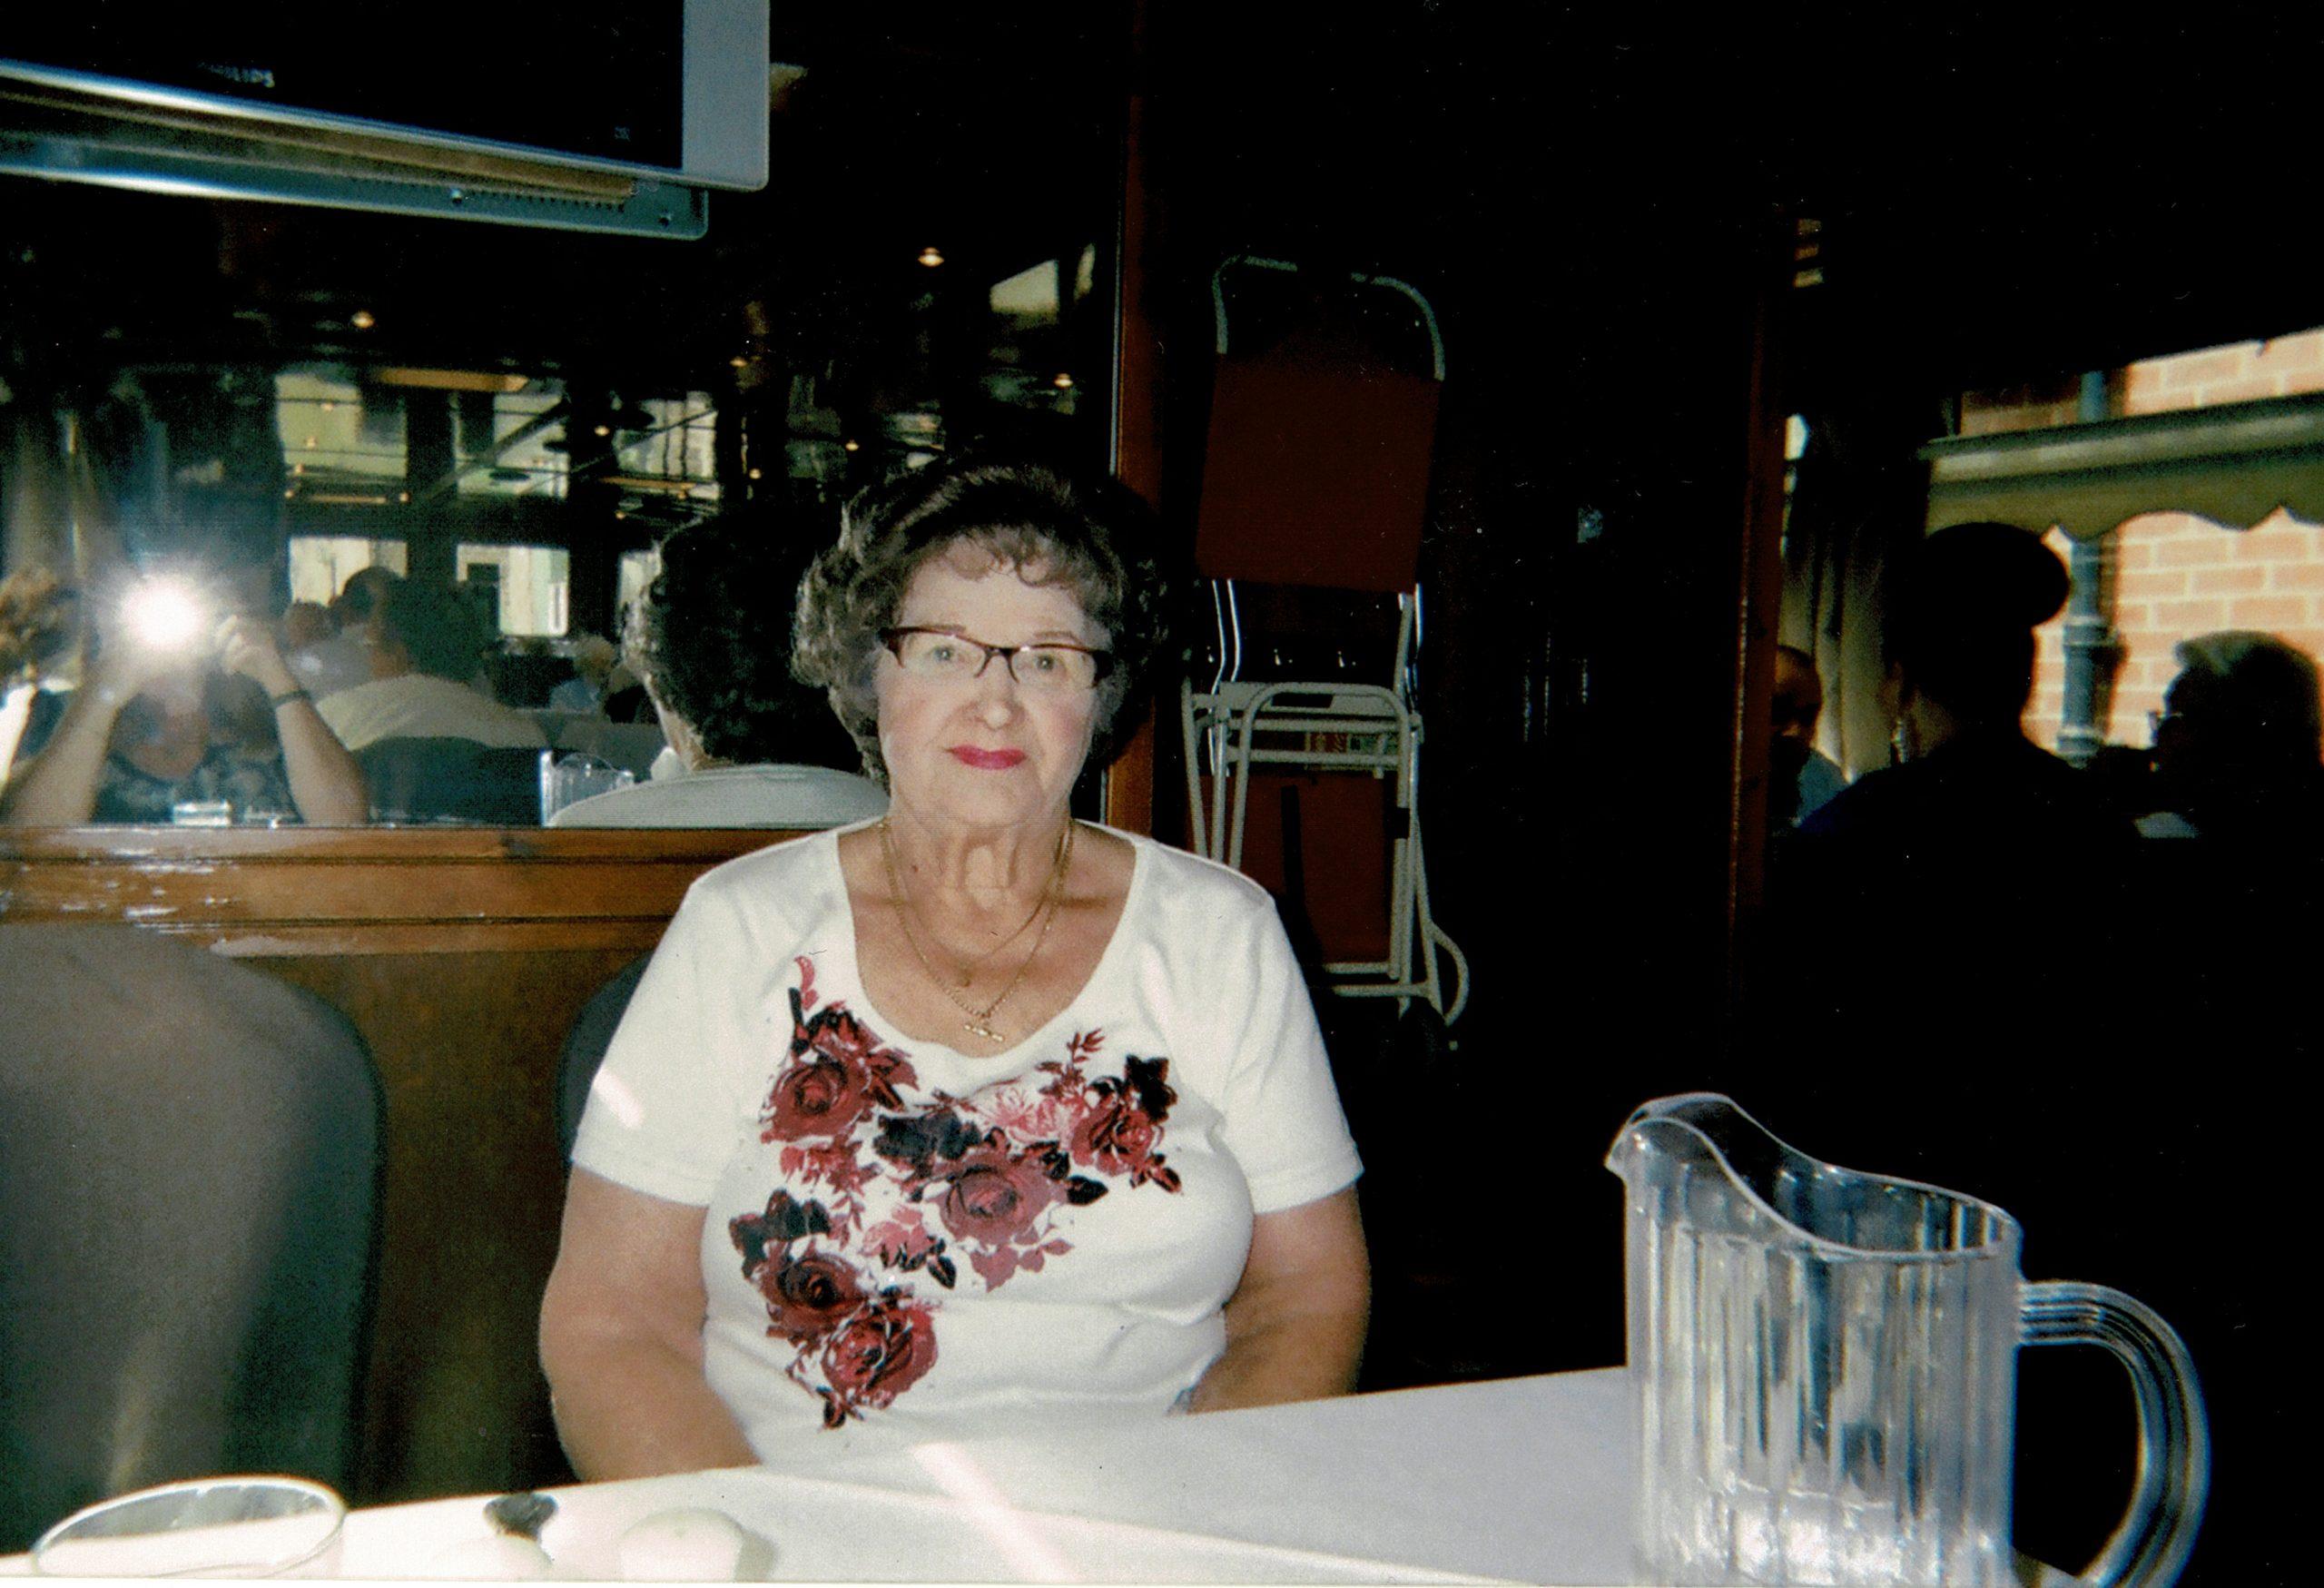 Brenda Mary Todd